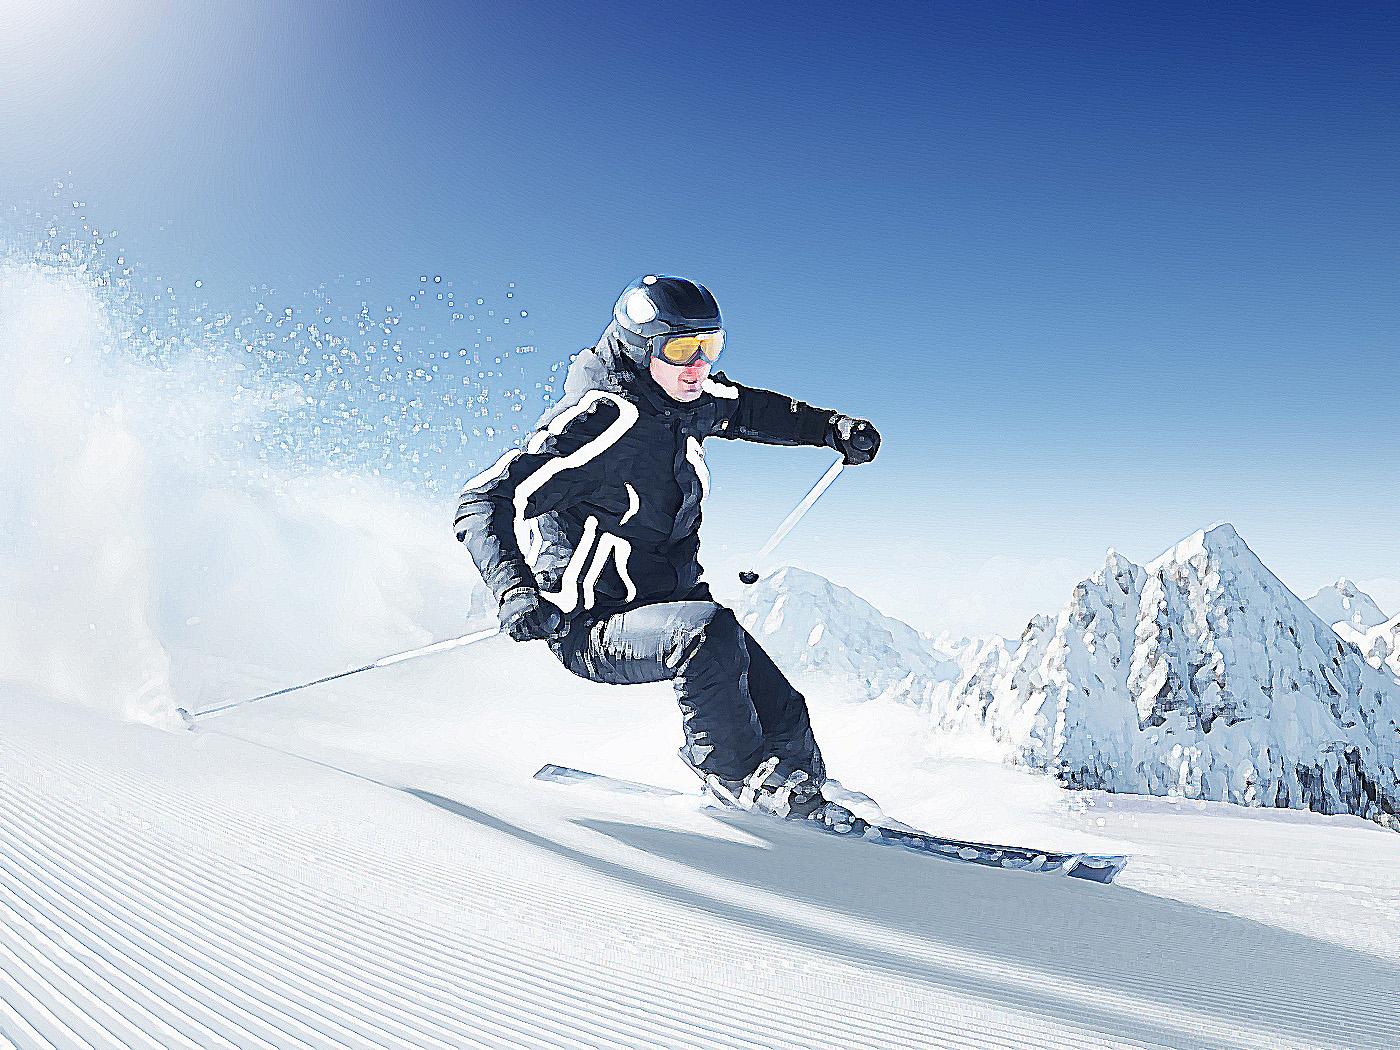 правила безопасности при спуске с горы